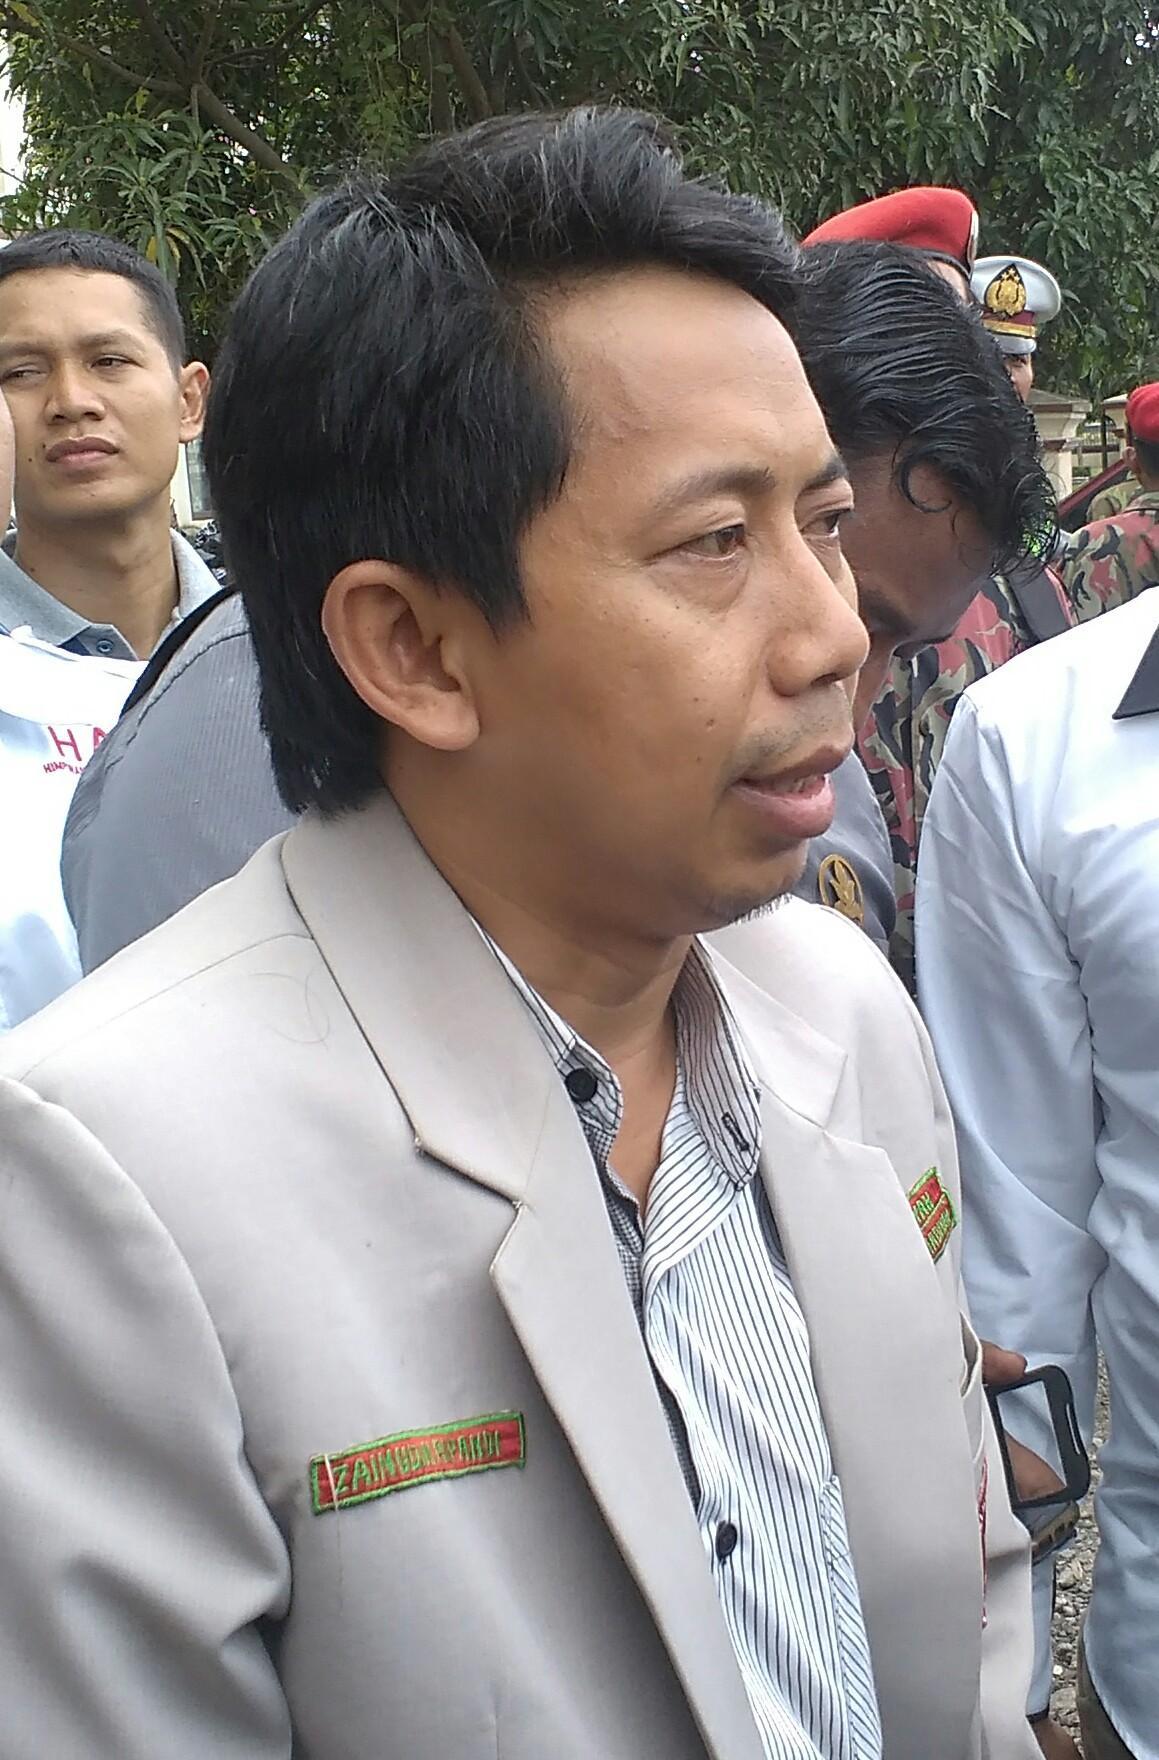 Pemuda Muhammadiyah Jateng Bakal Seret Densus 88 ke KPK